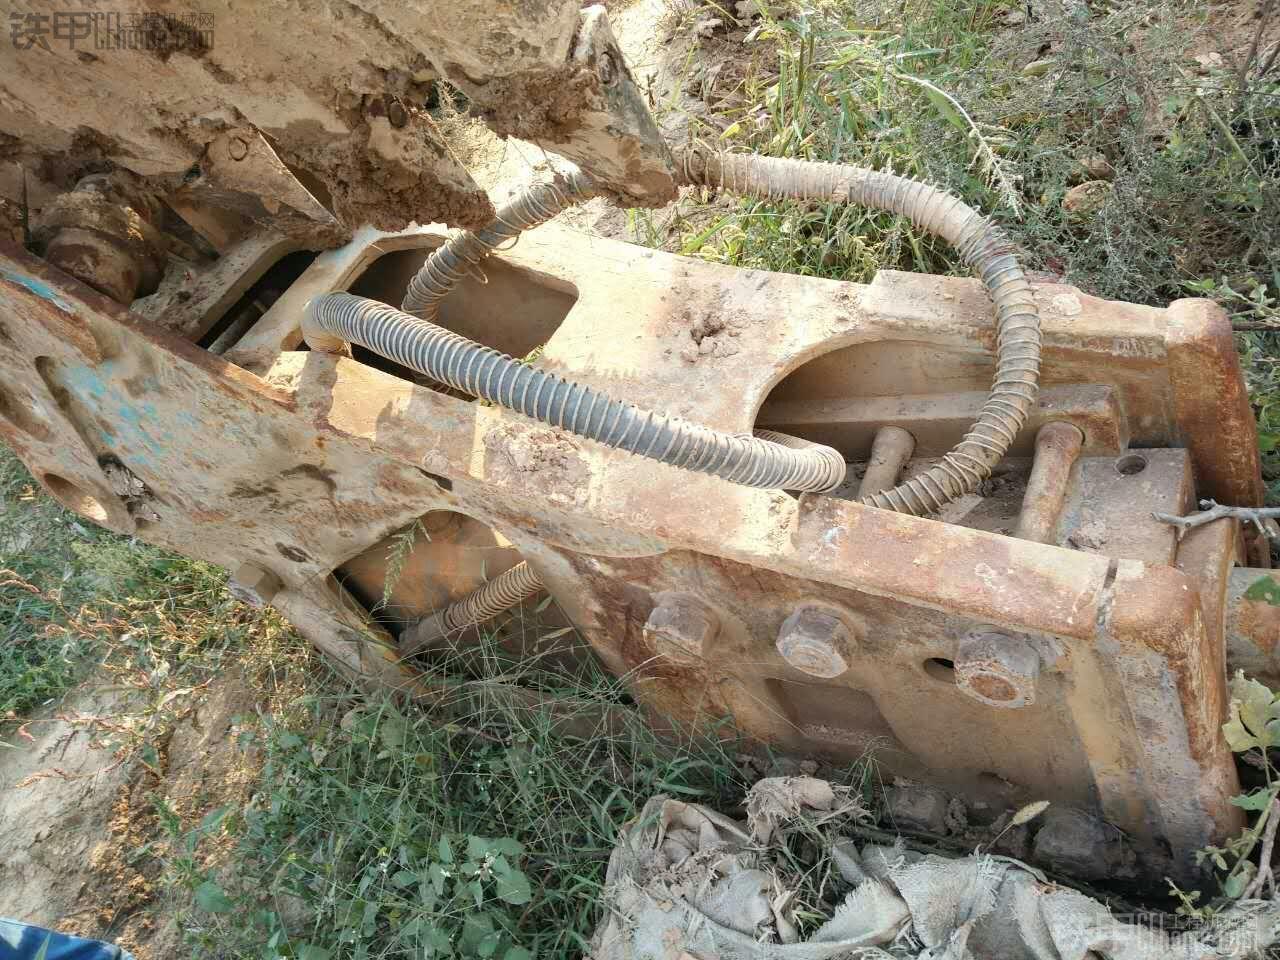 小松 PC220-8 二手挖掘机价格 24.5万 8200小时